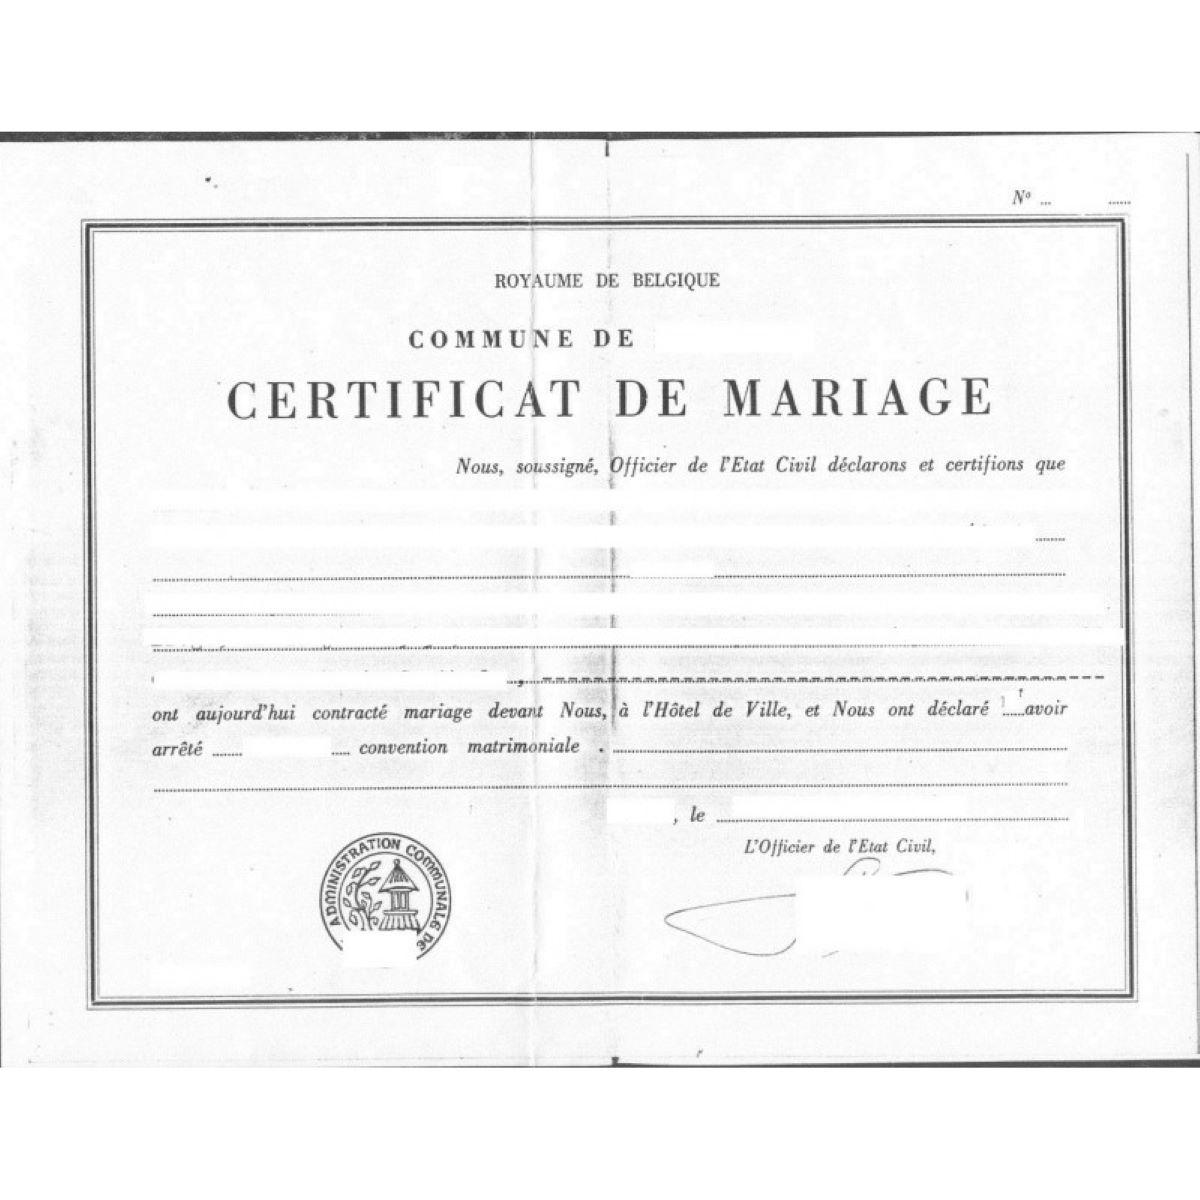 Comment Demander une Copie de l'Acte de Mariage en Belgique